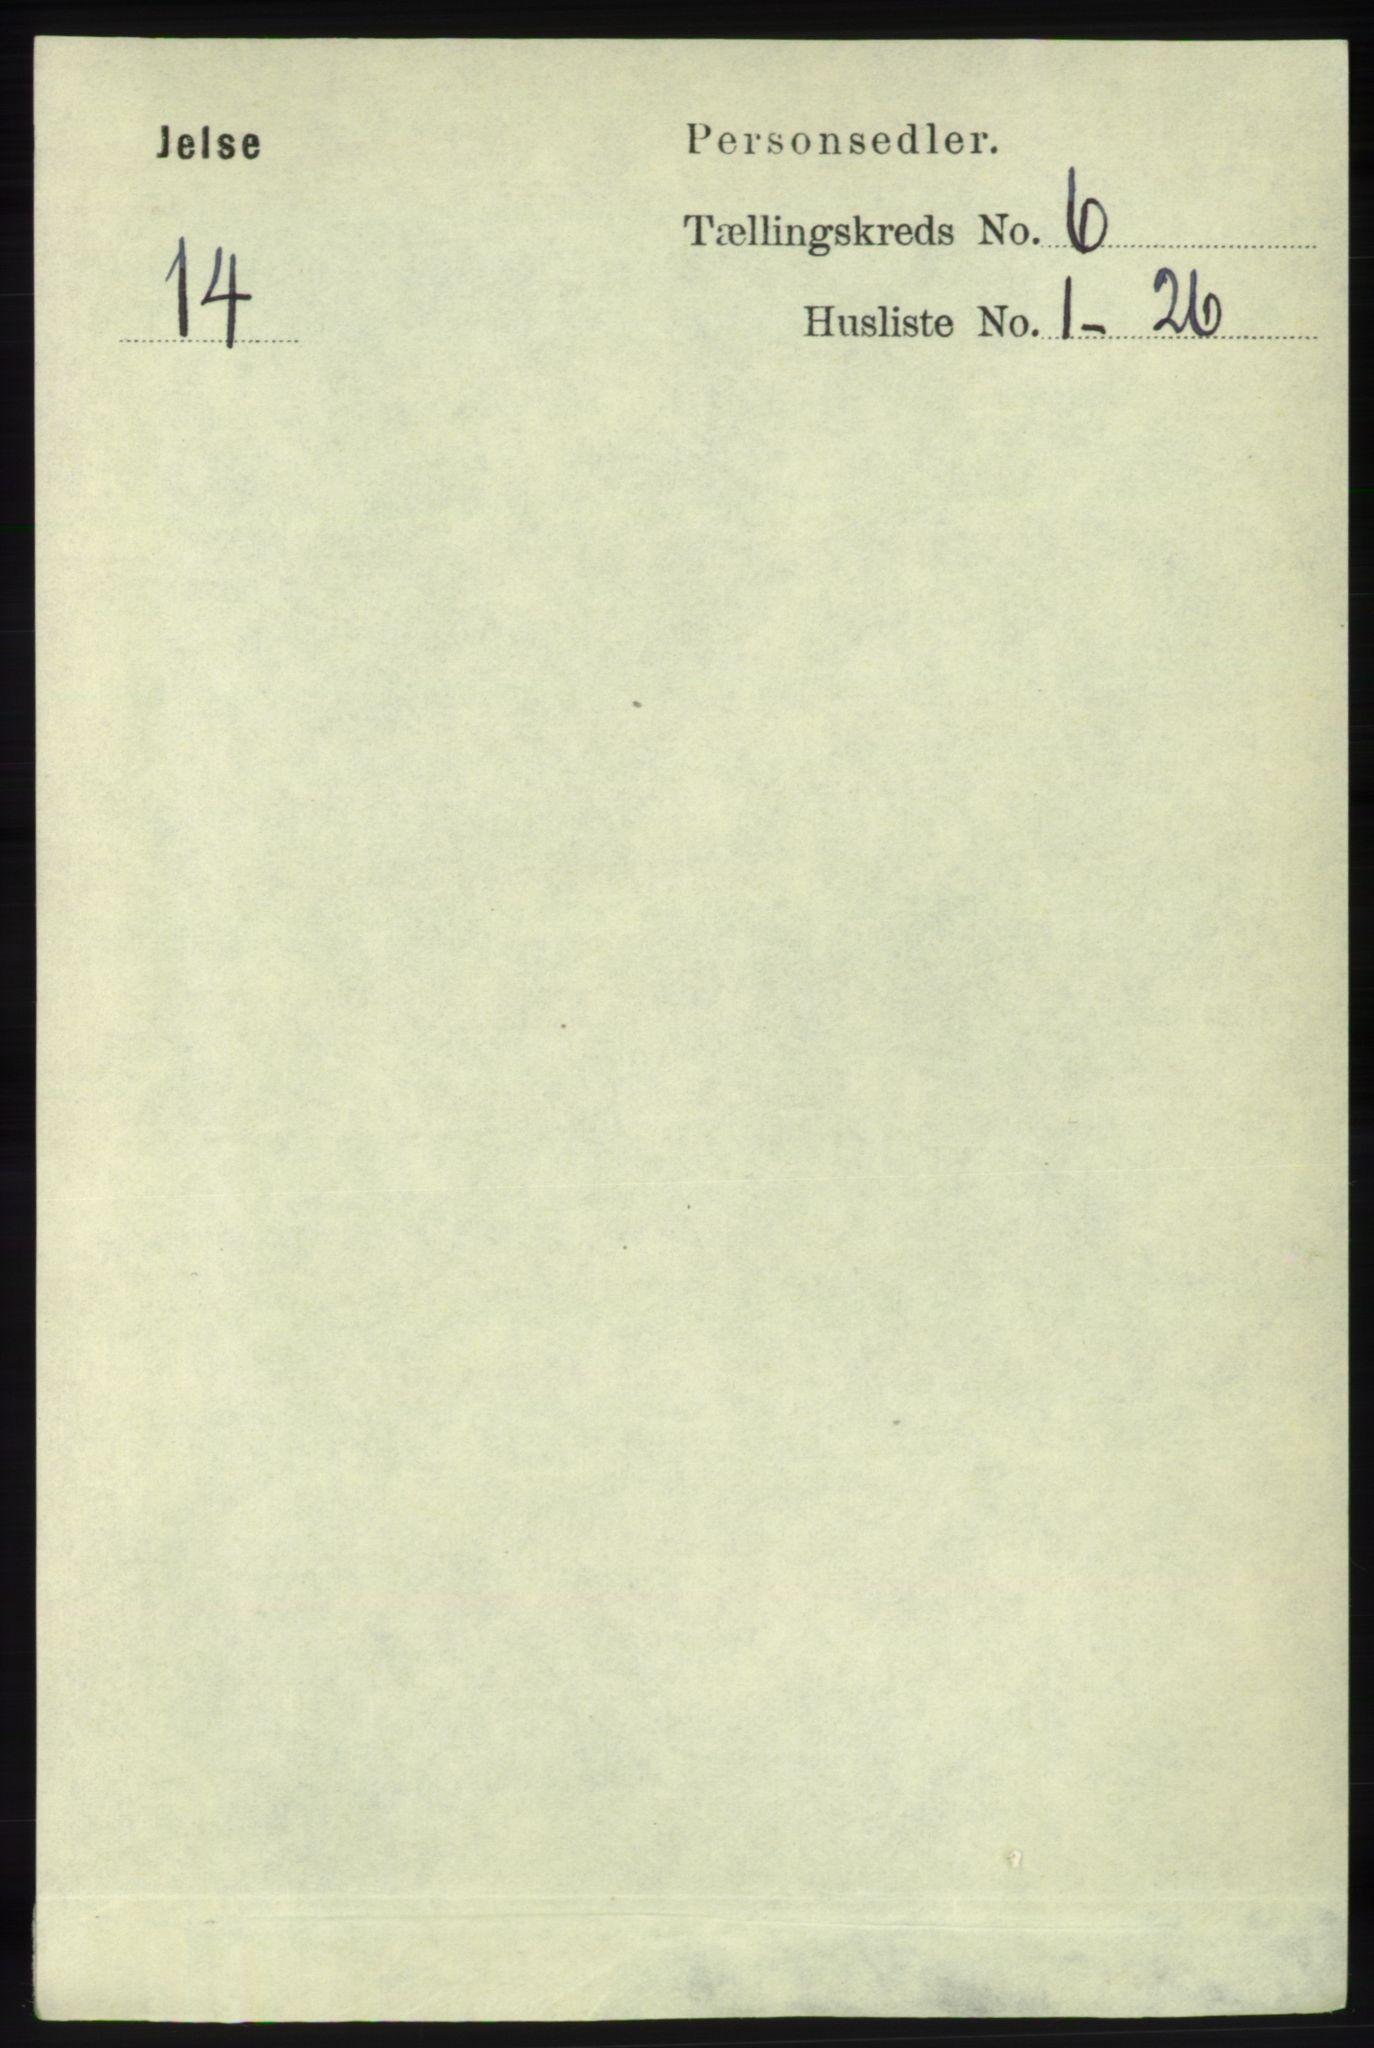 RA, Folketelling 1891 for 1138 Jelsa herred, 1891, s. 1210